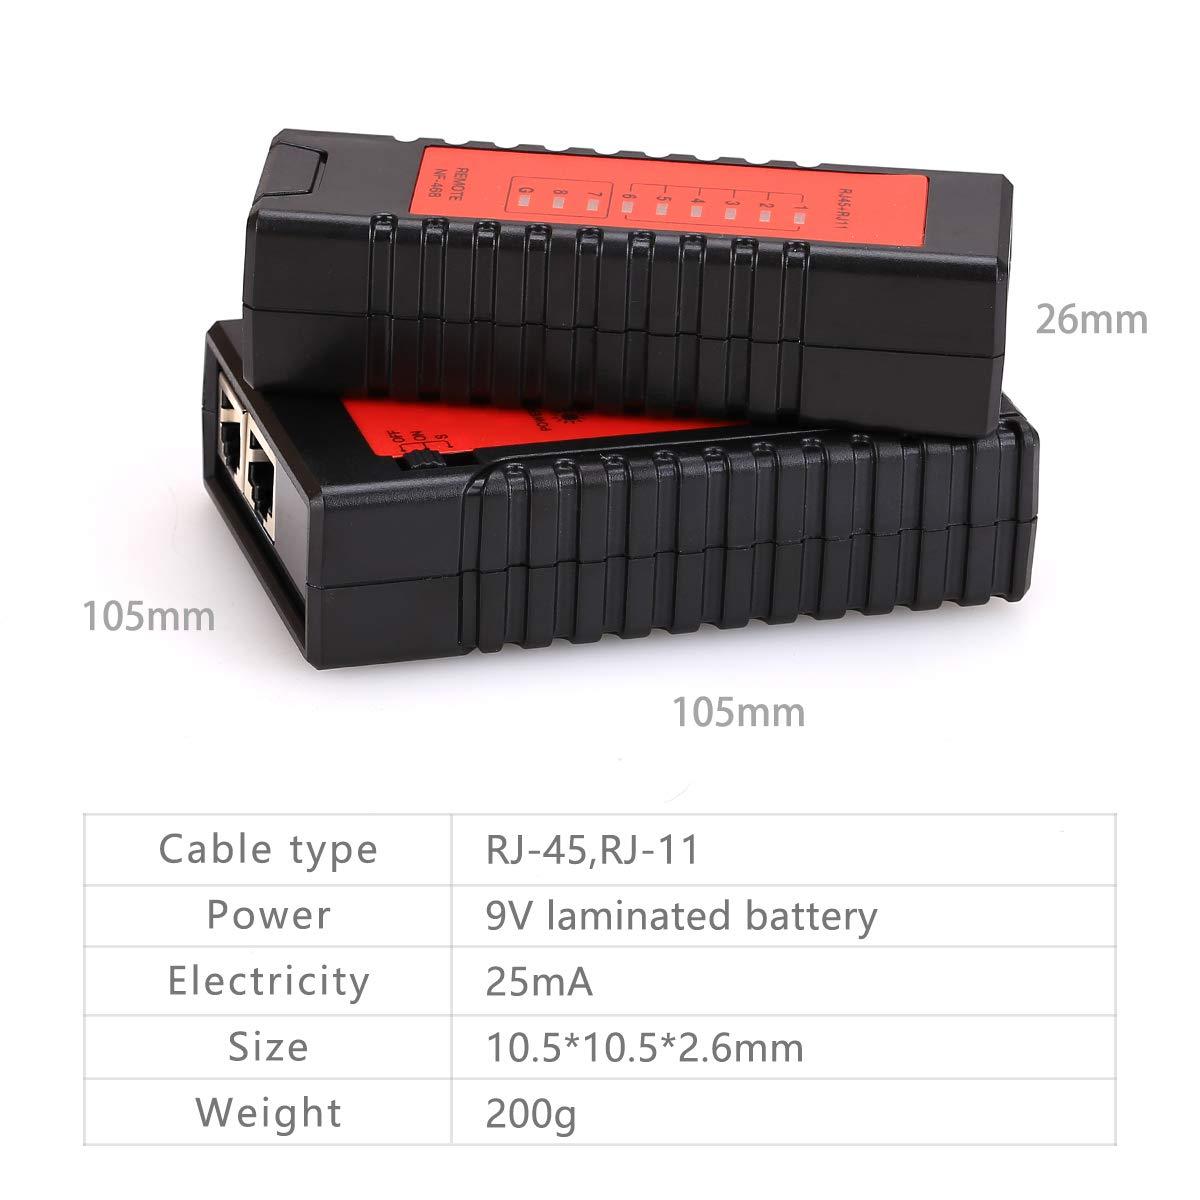 nf468/probador culpa localizador RJ45/RJ11/Red Cable Tracker comprobador de cable de red Ethernet LAN red herramienta de prueba